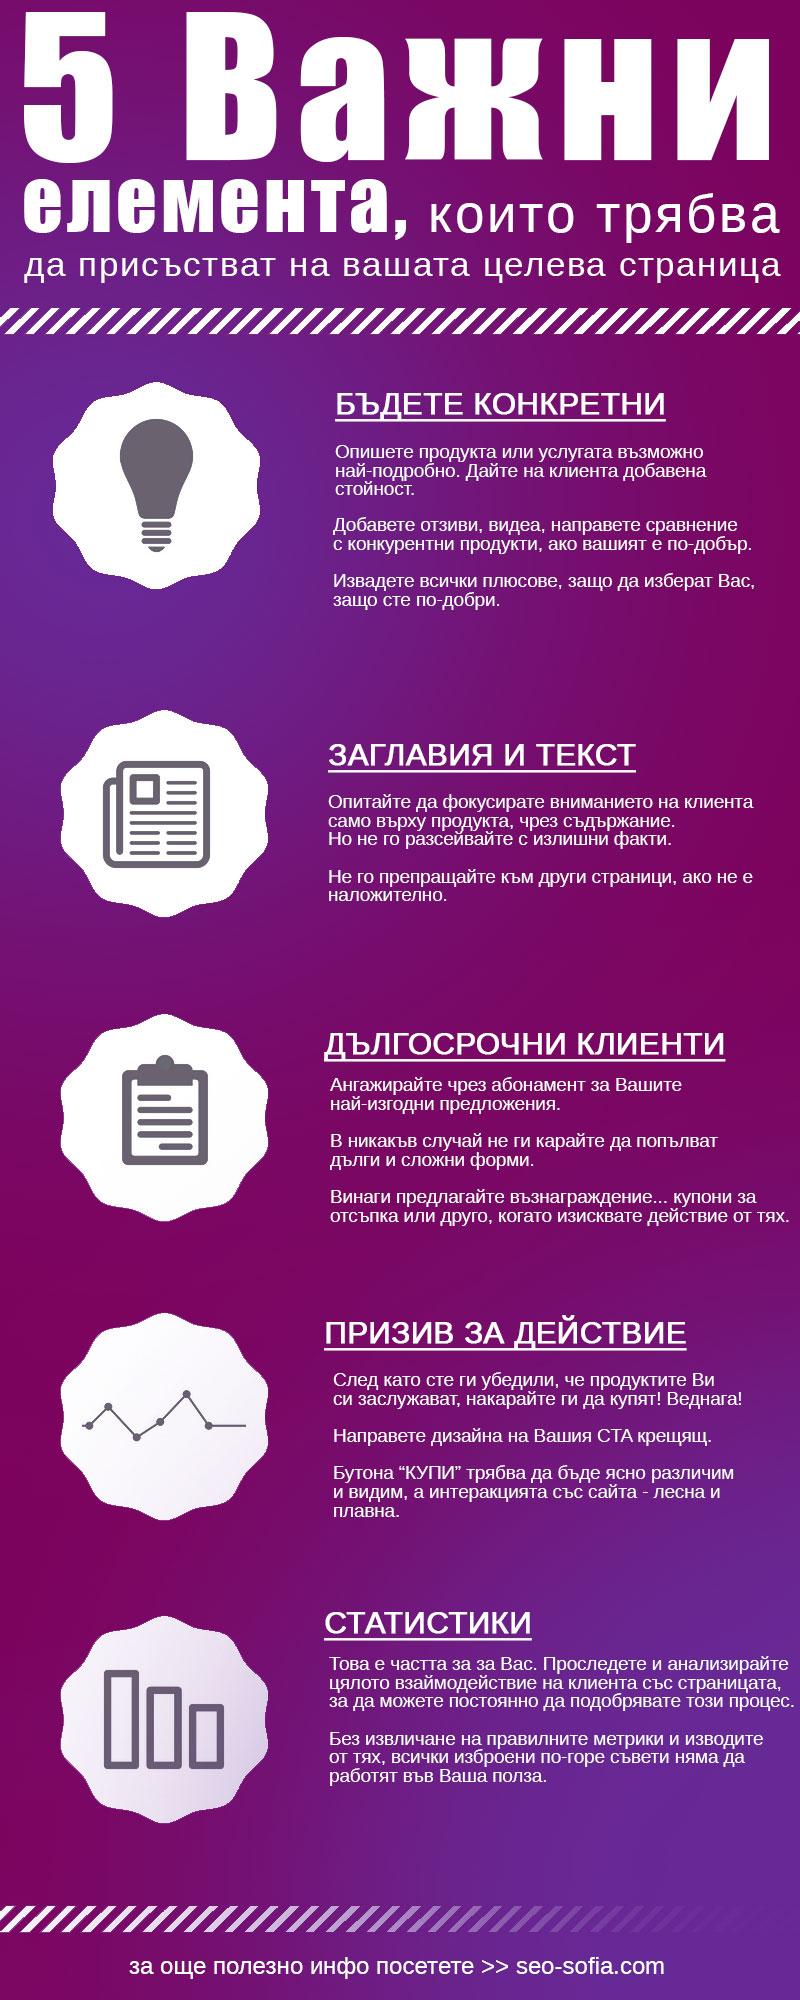 Инфографика за реклама на страница в Гугъл